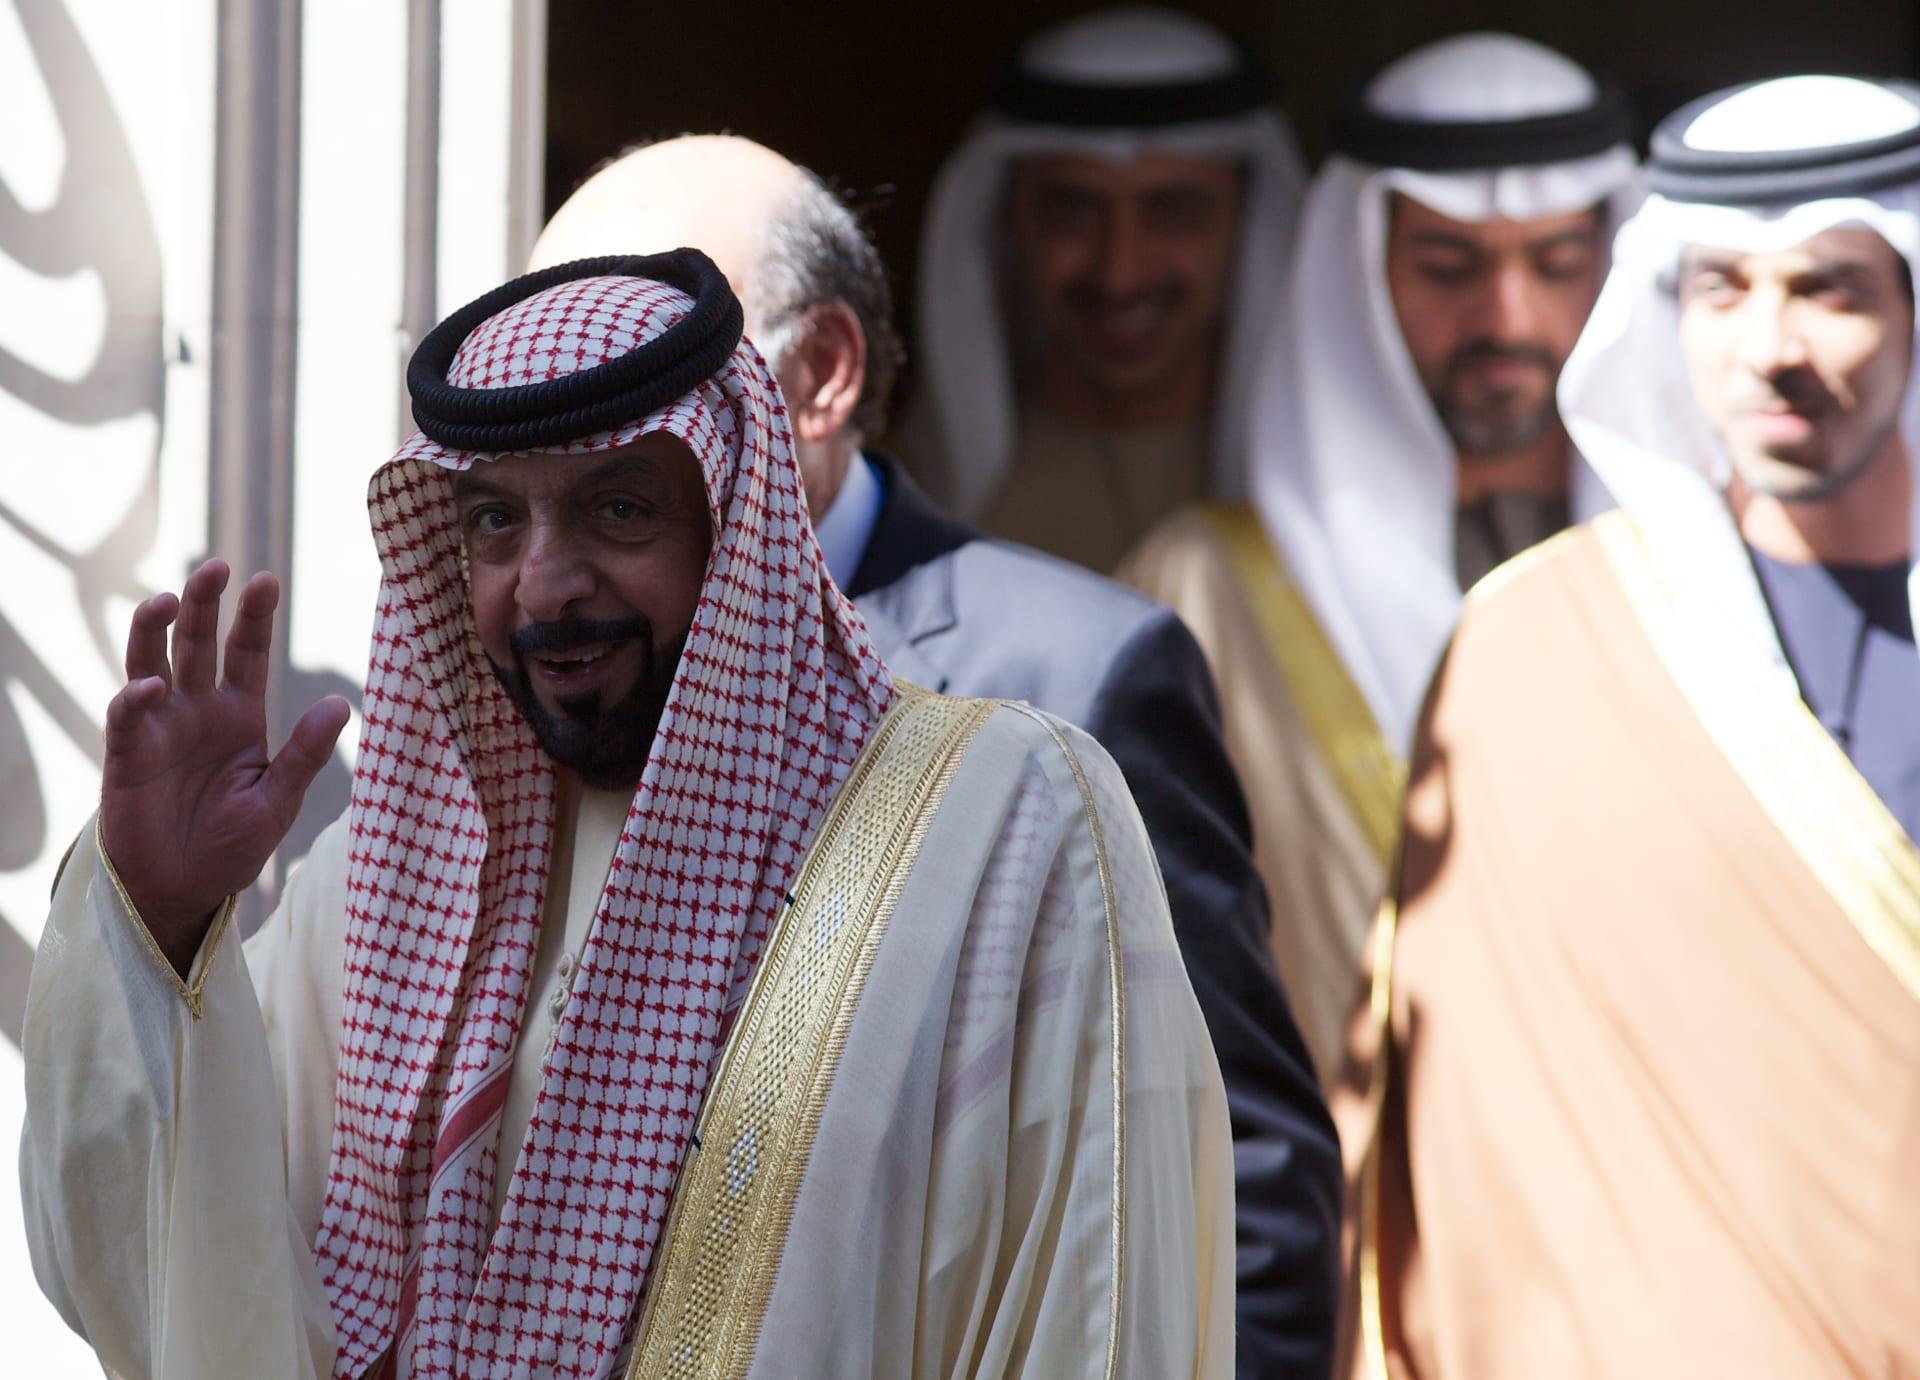 أبوظبي تسمح للأجانب بتملك العقارات في المناطق الاستثمارية